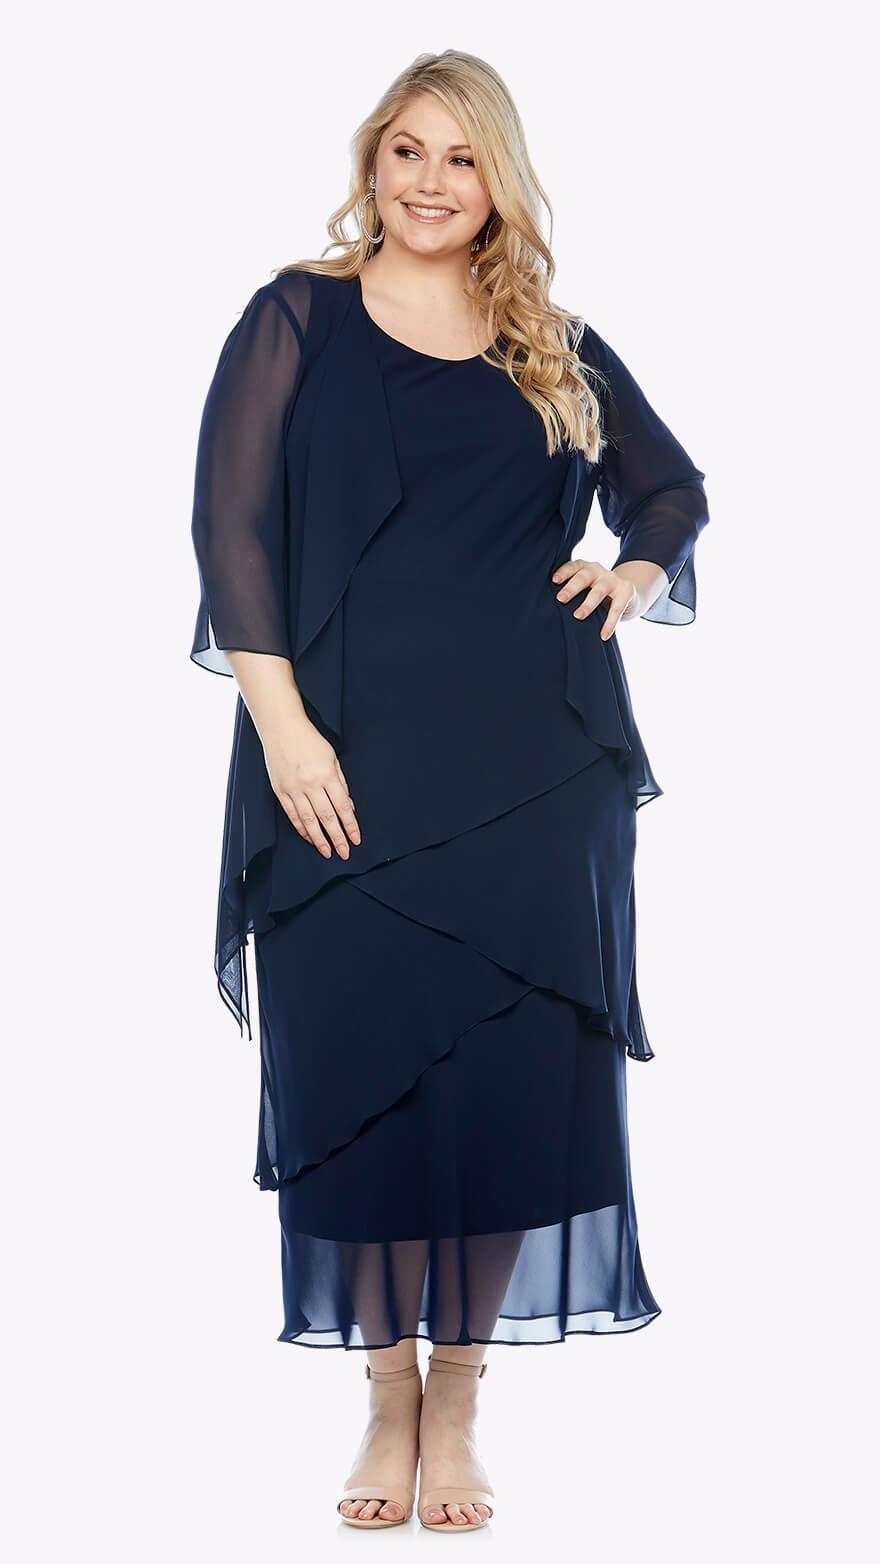 LJ0148 Layered full-length dress with matching waterfall chiffon jacket